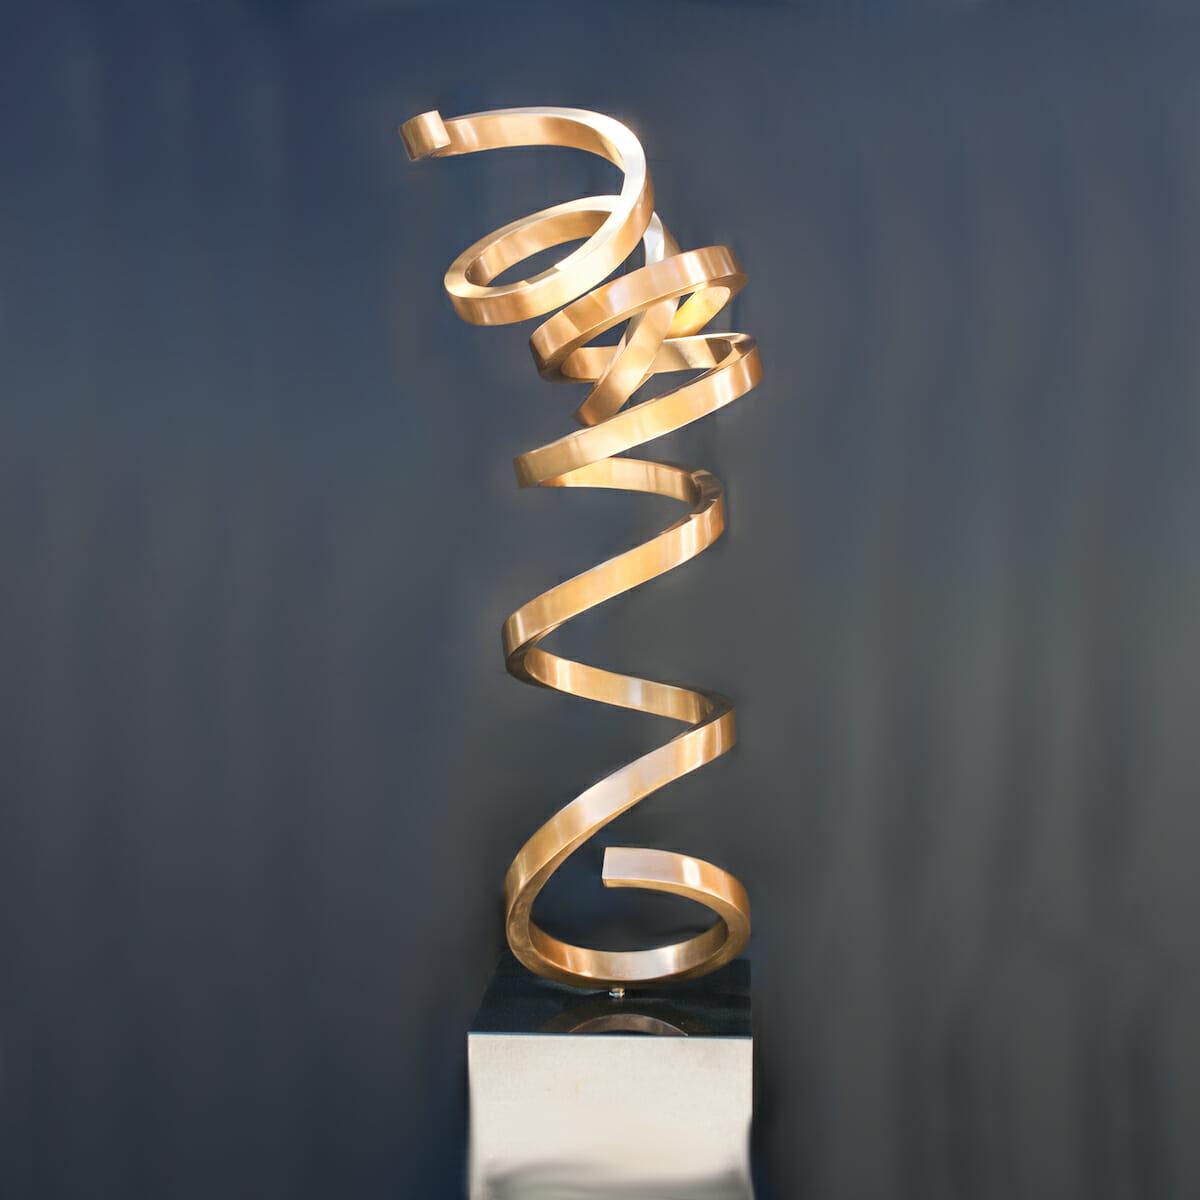 Golden-Tendril-04.jpg